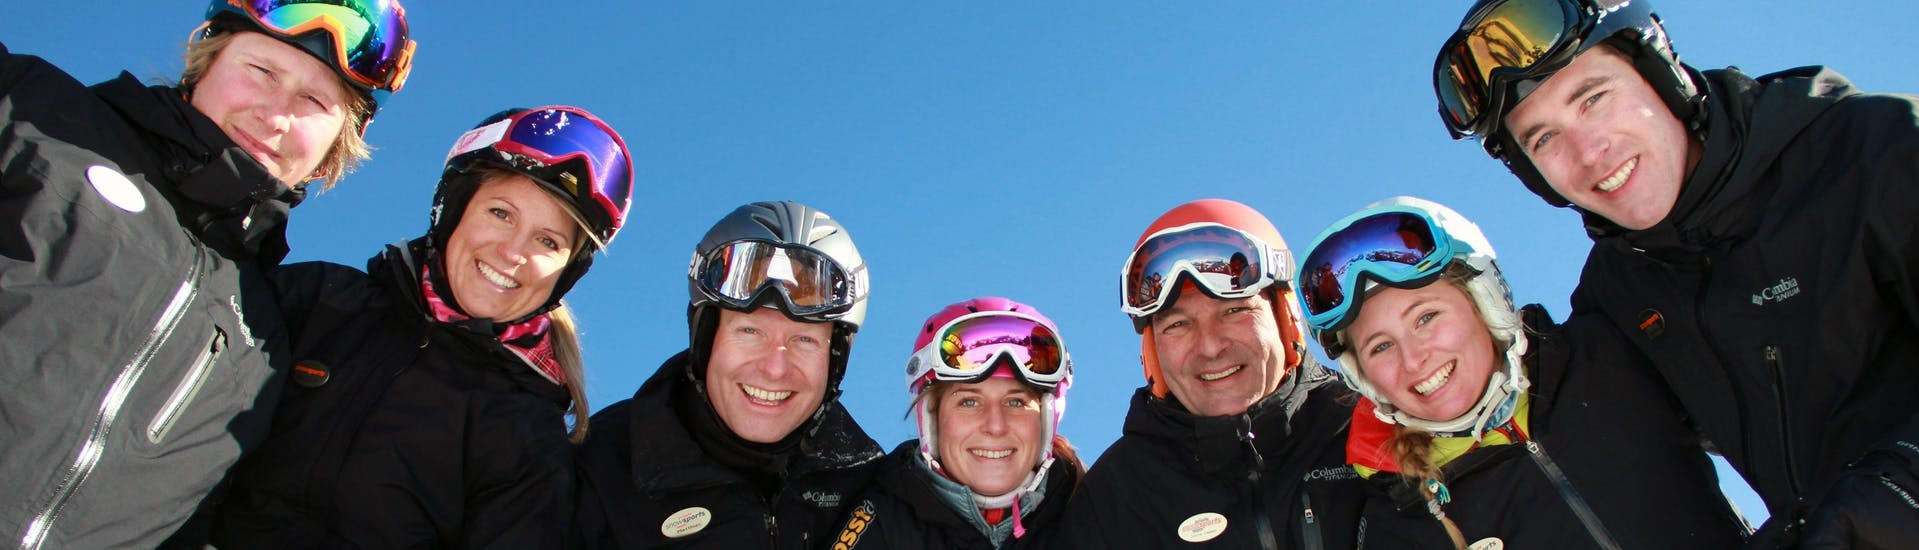 Cours particulier de ski Adultes pour Tous niveaux - Matin avec Private Snowsports Team Gstaad - Hero image